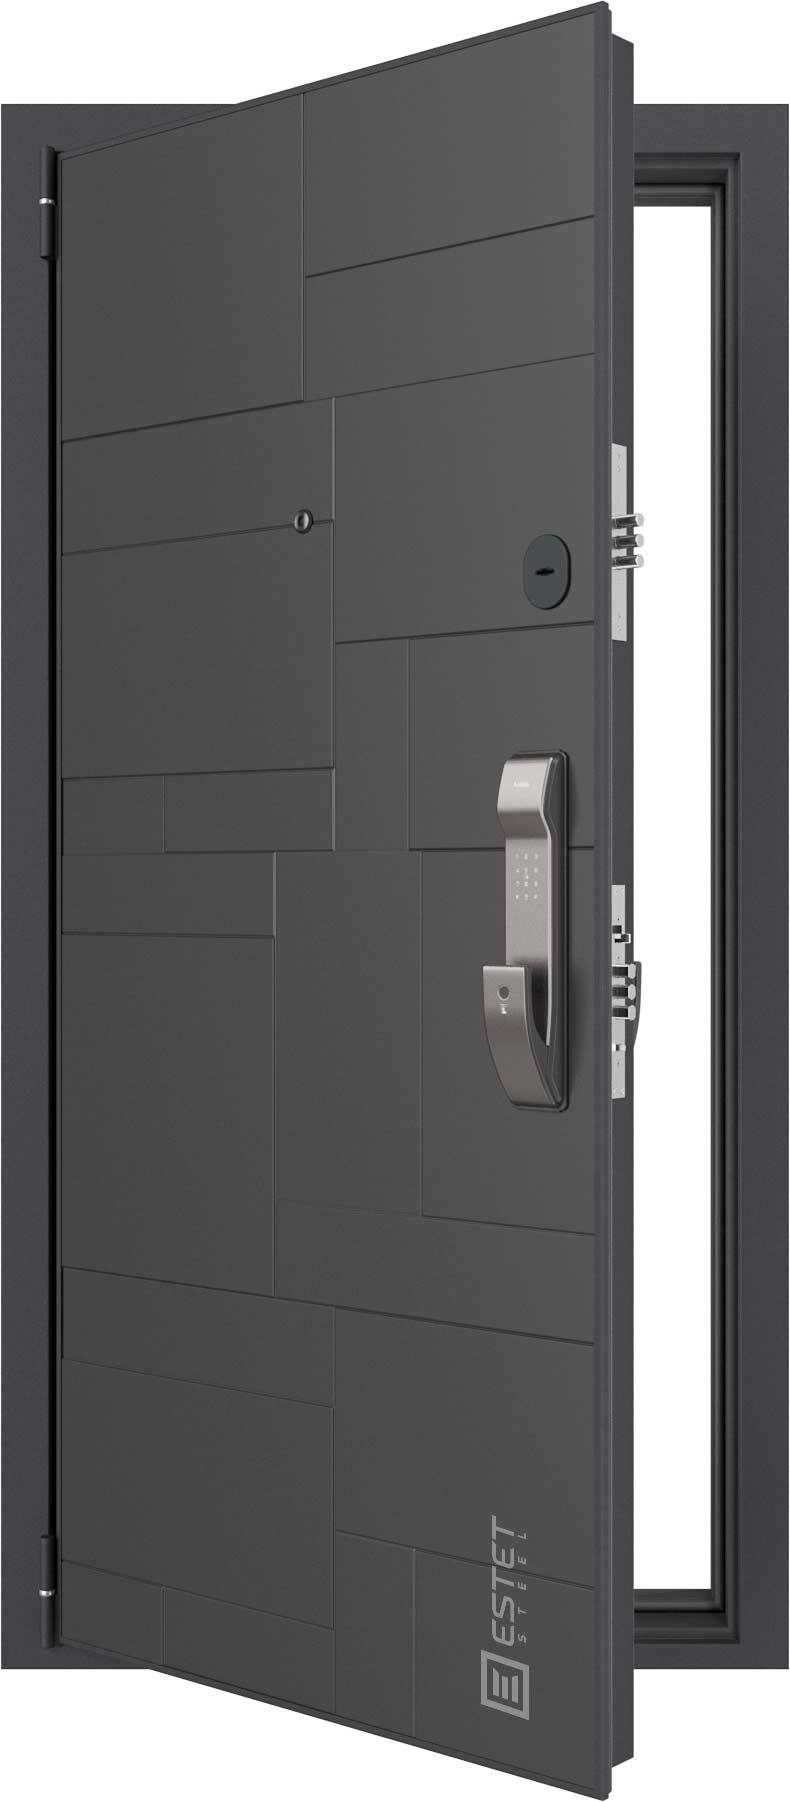 Входная дверь Дверь Лофт SMART 12.2 с электронным замком